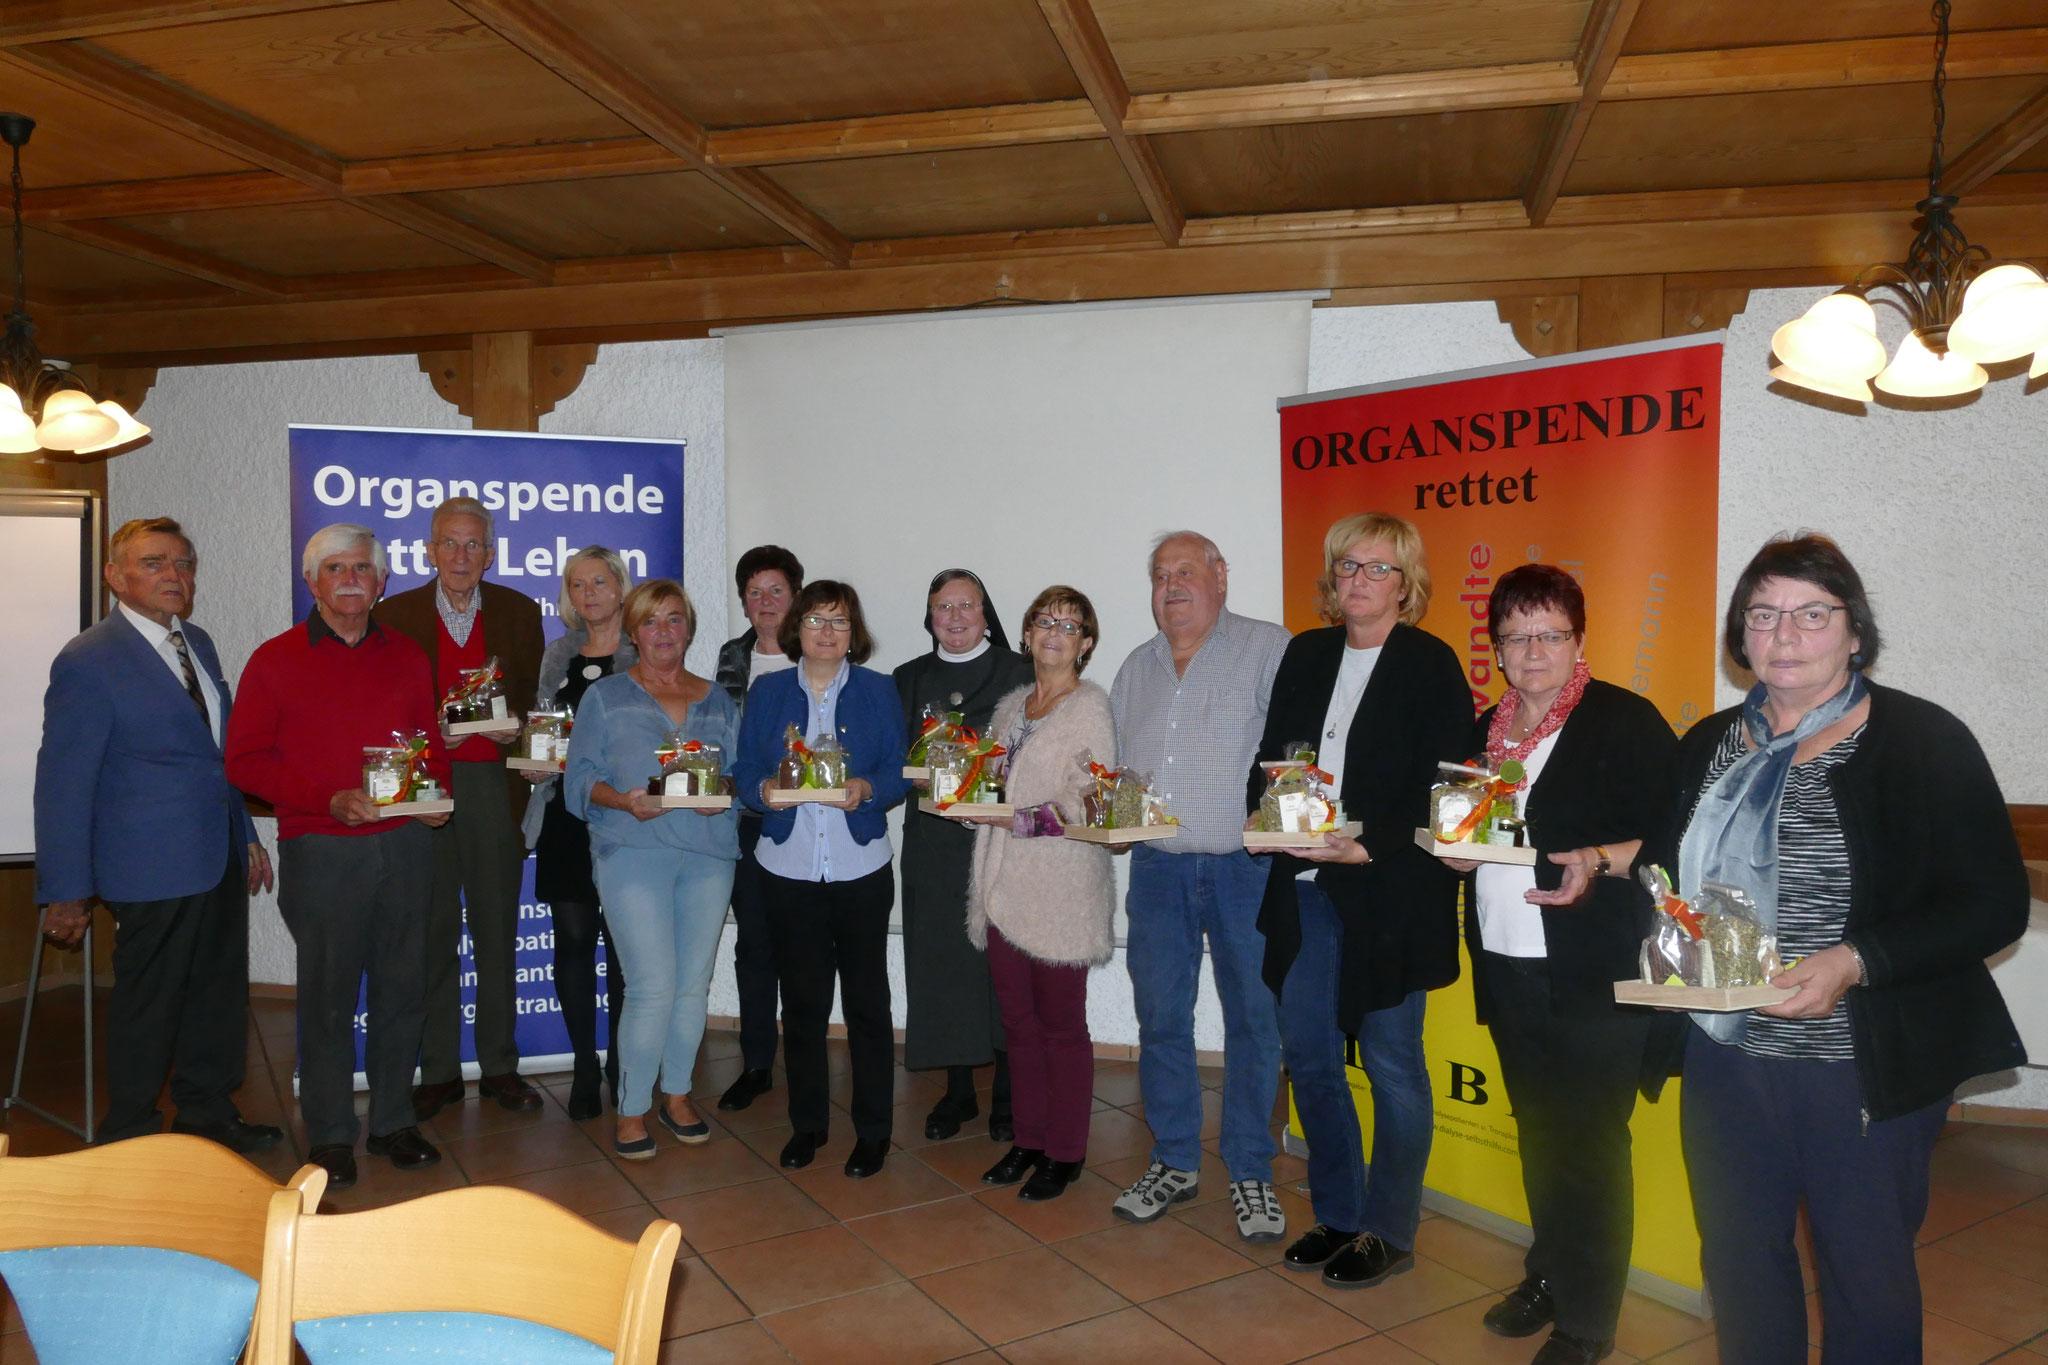 14  ehrenamtlich in der Hilfsgemeinschaft Tätige wurden mit einem kleinen Präsent belohnt